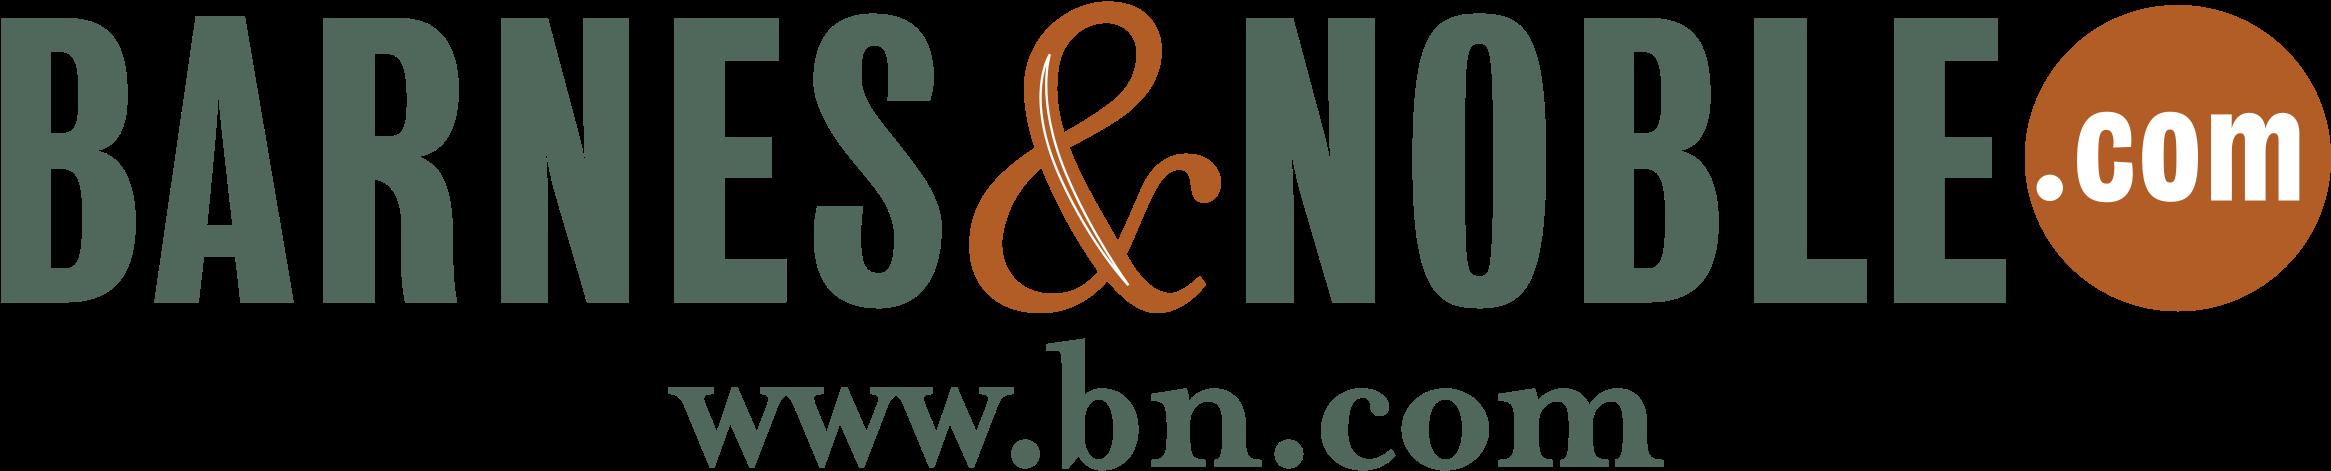 Barnes & Noble, bn.com, logo